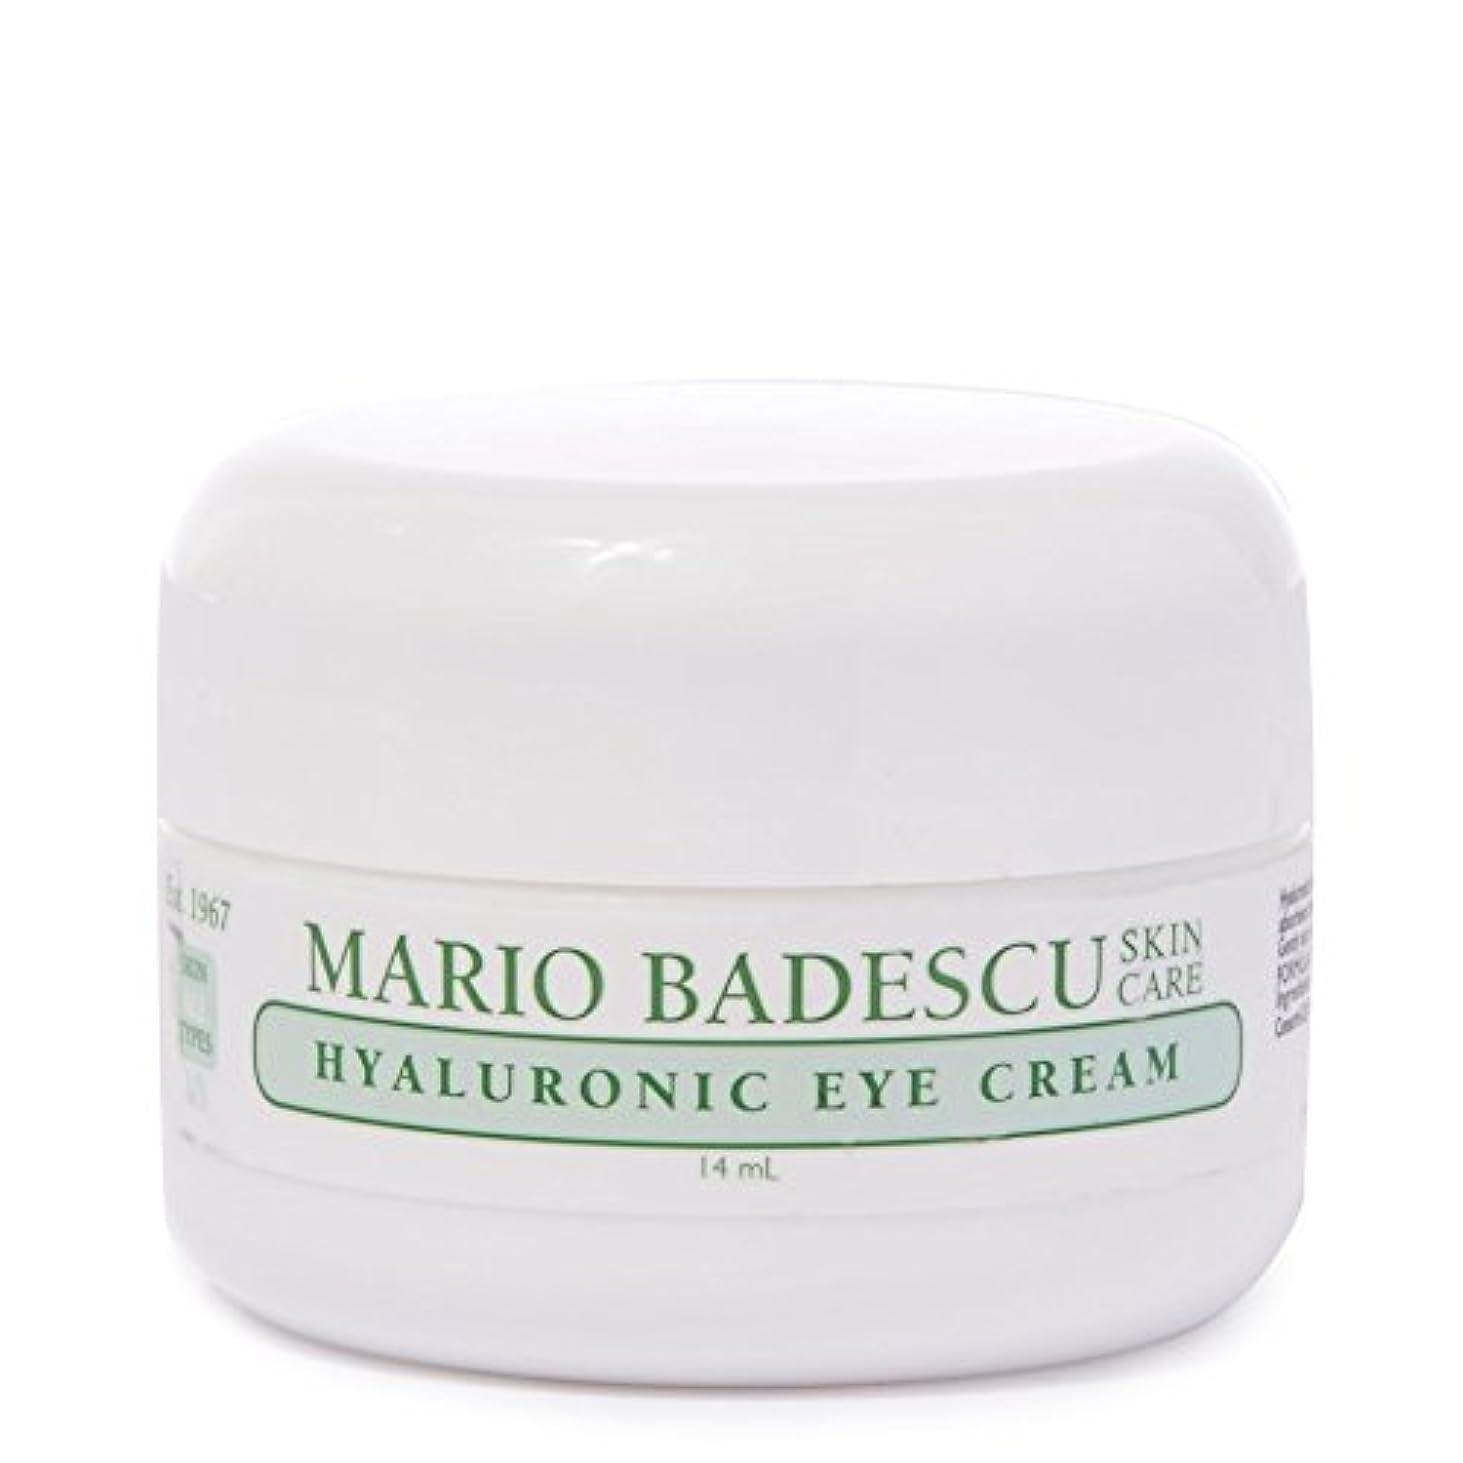 瞳開拓者説明的マリオ?バデスキューヒアルロンアイクリーム14ミリリットル x2 - Mario Badescu Hyaluronic Eye Cream 14ml (Pack of 2) [並行輸入品]